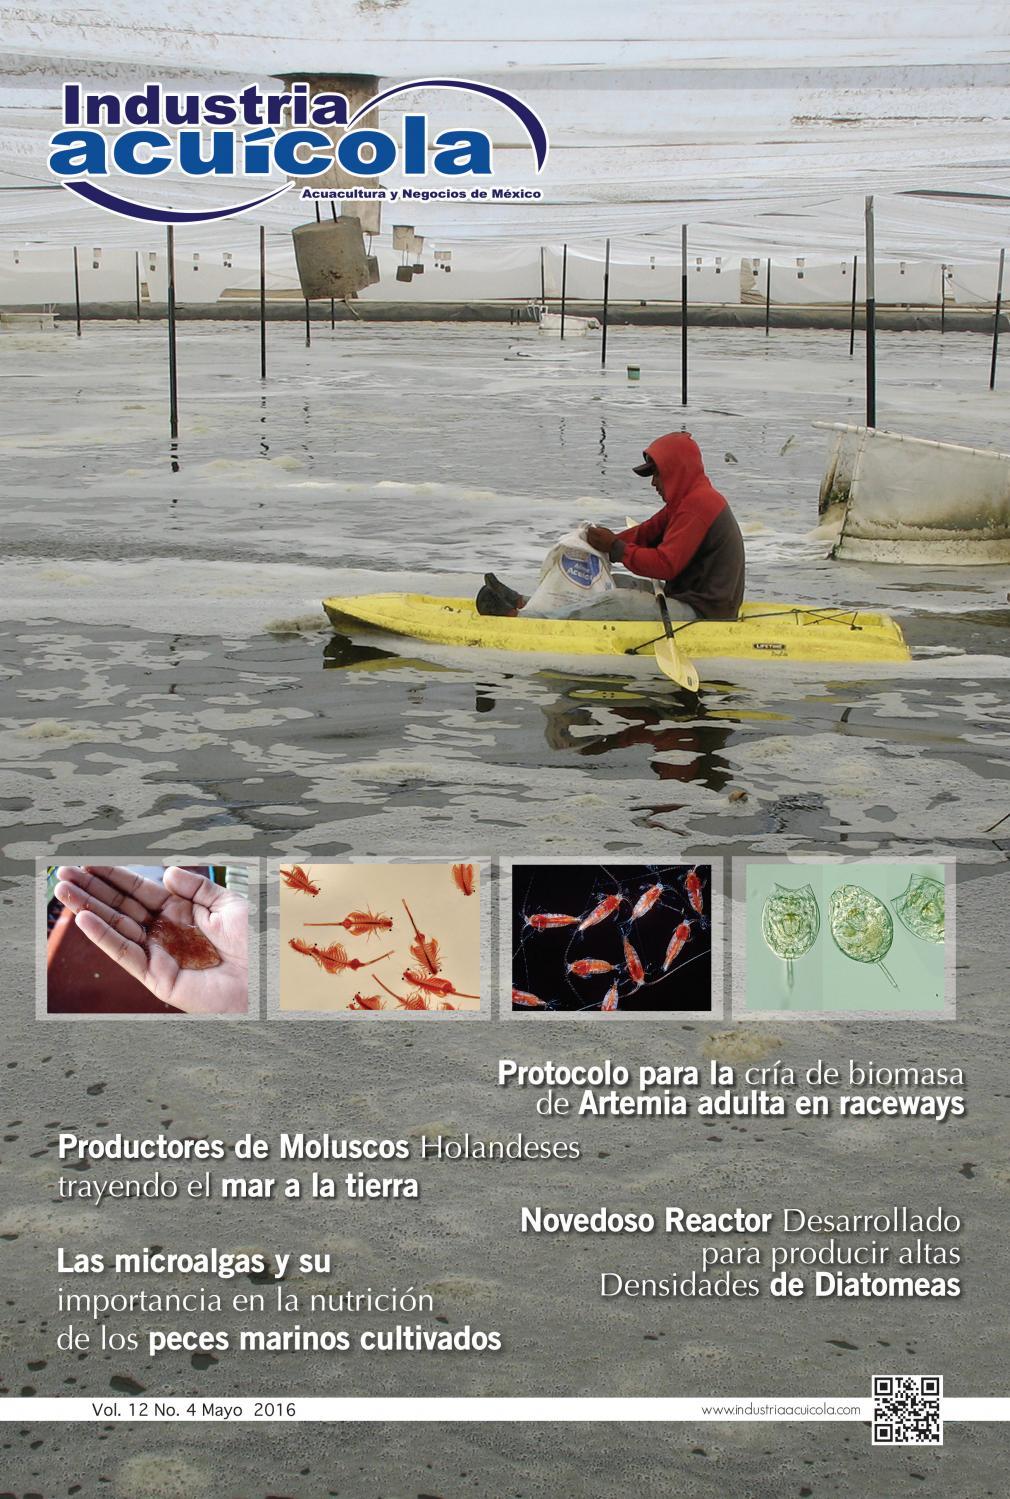 Revista Industria Acuicola 12 4 By Aqua Negocios Sa De Cv